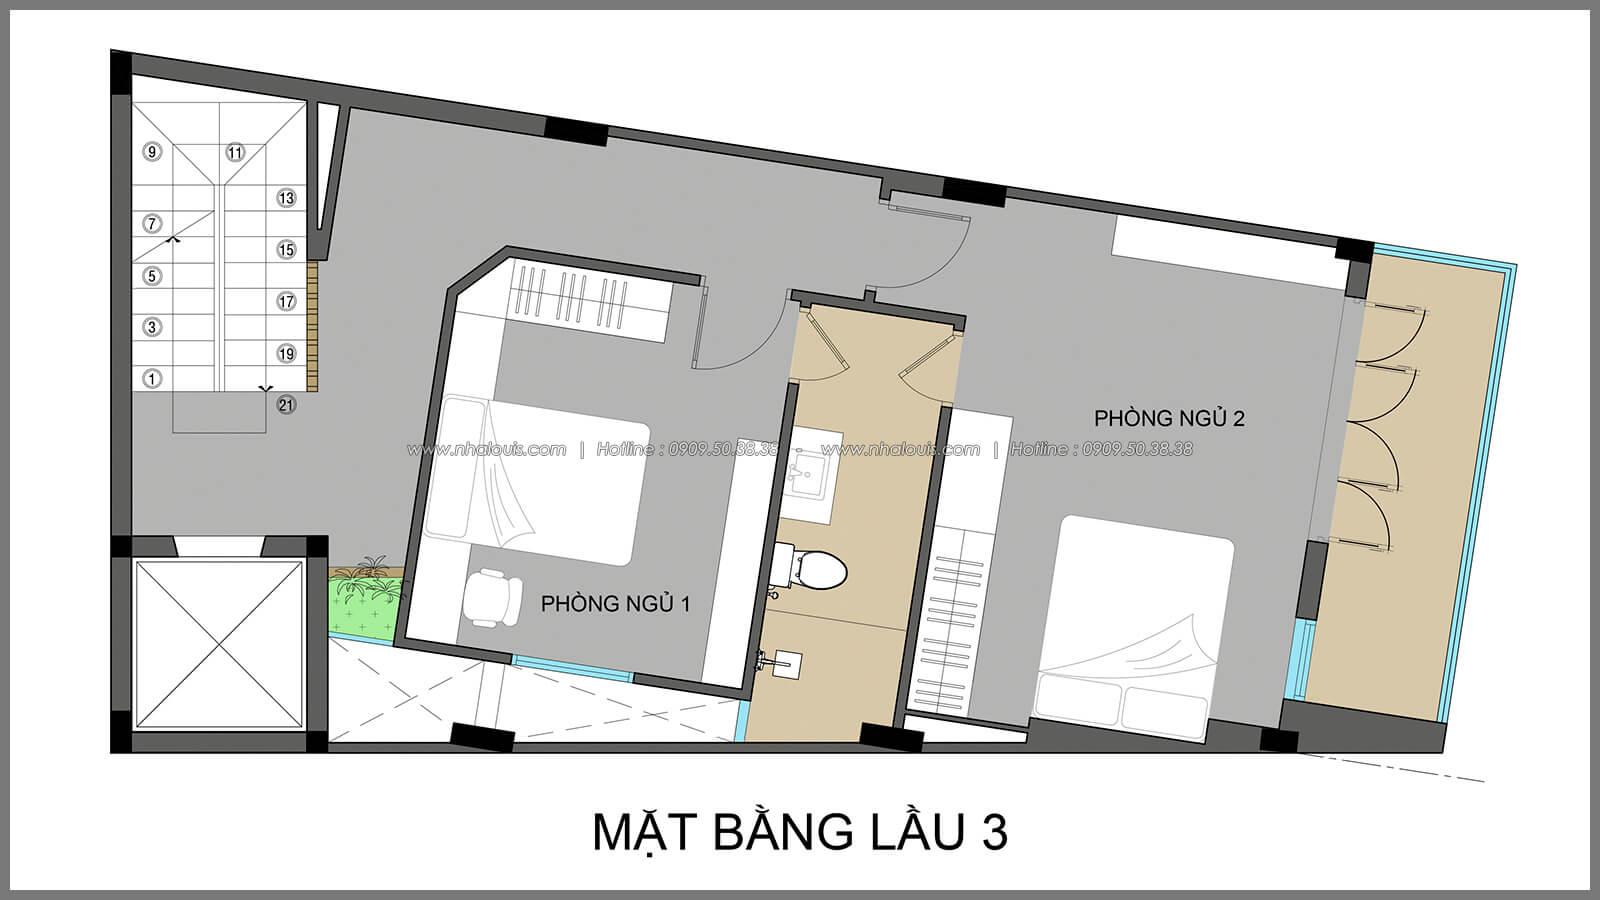 Mặt bằng lầu 3 thiết kế nhà có tầng hầm của chị Lan tại Quận 1 - 14